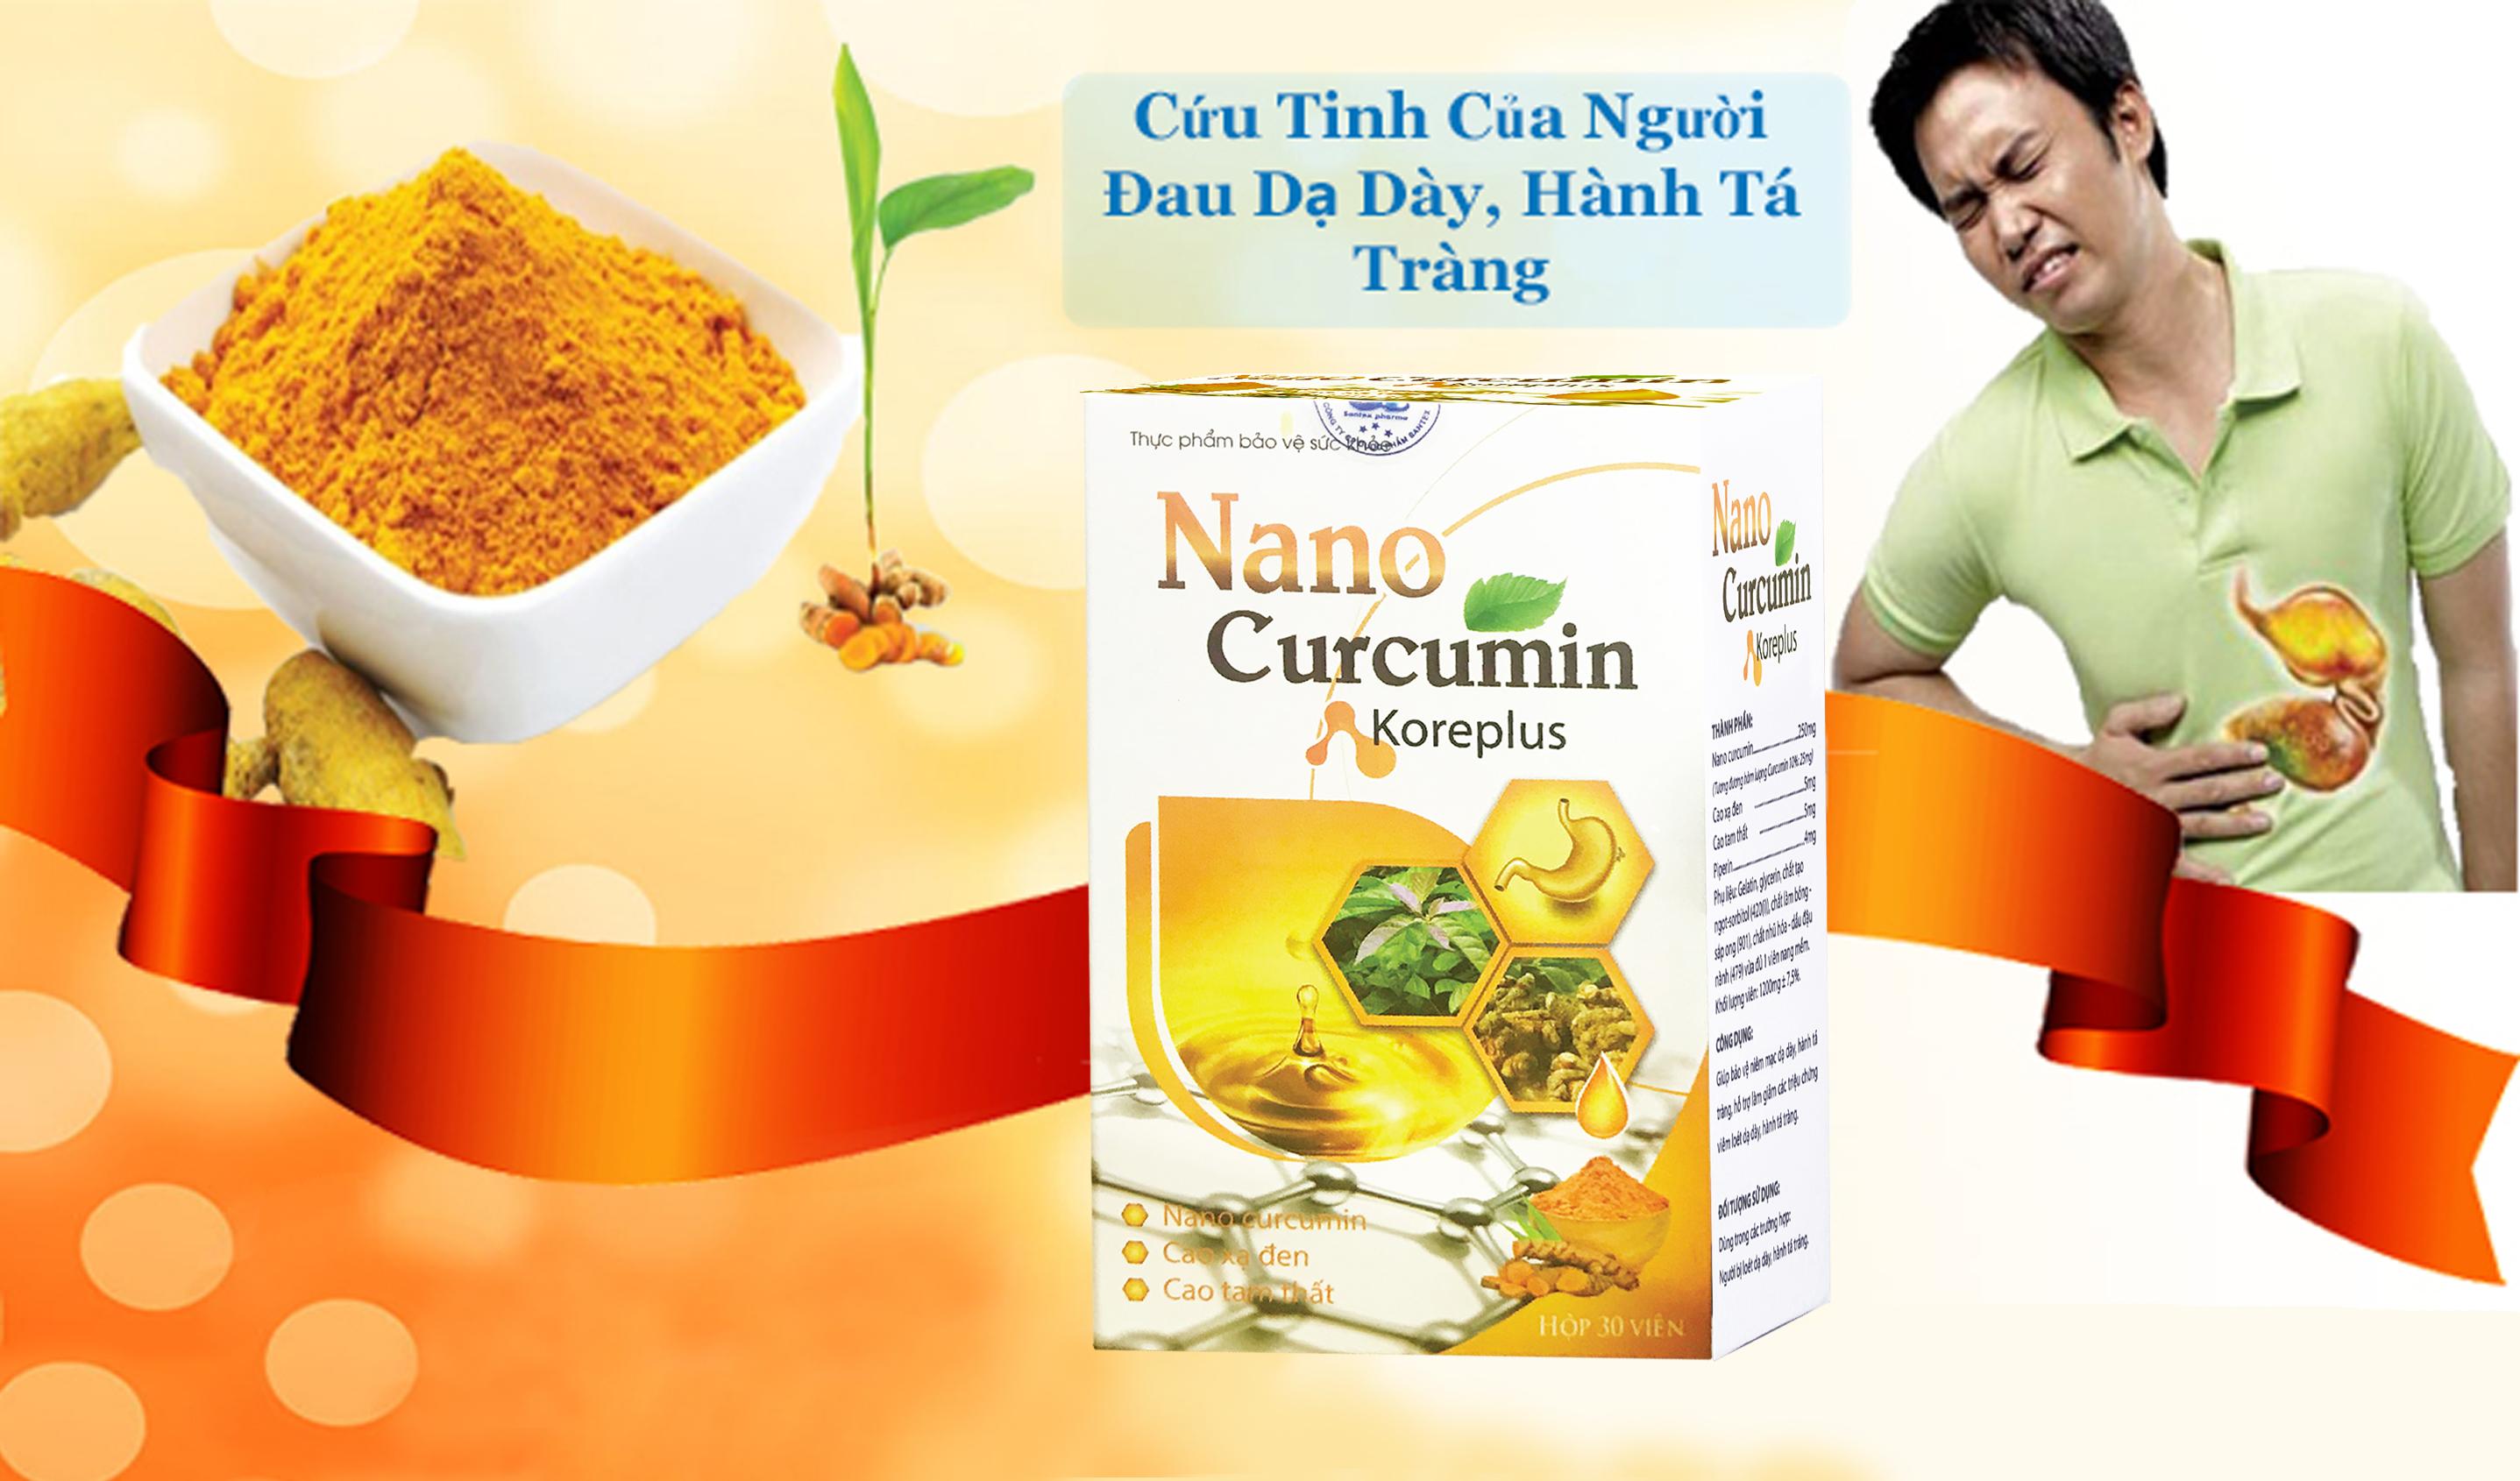 Nano Curcumin – tinh chất từ nghê vàng – điều trị dạ dày, hành tá tràng 1